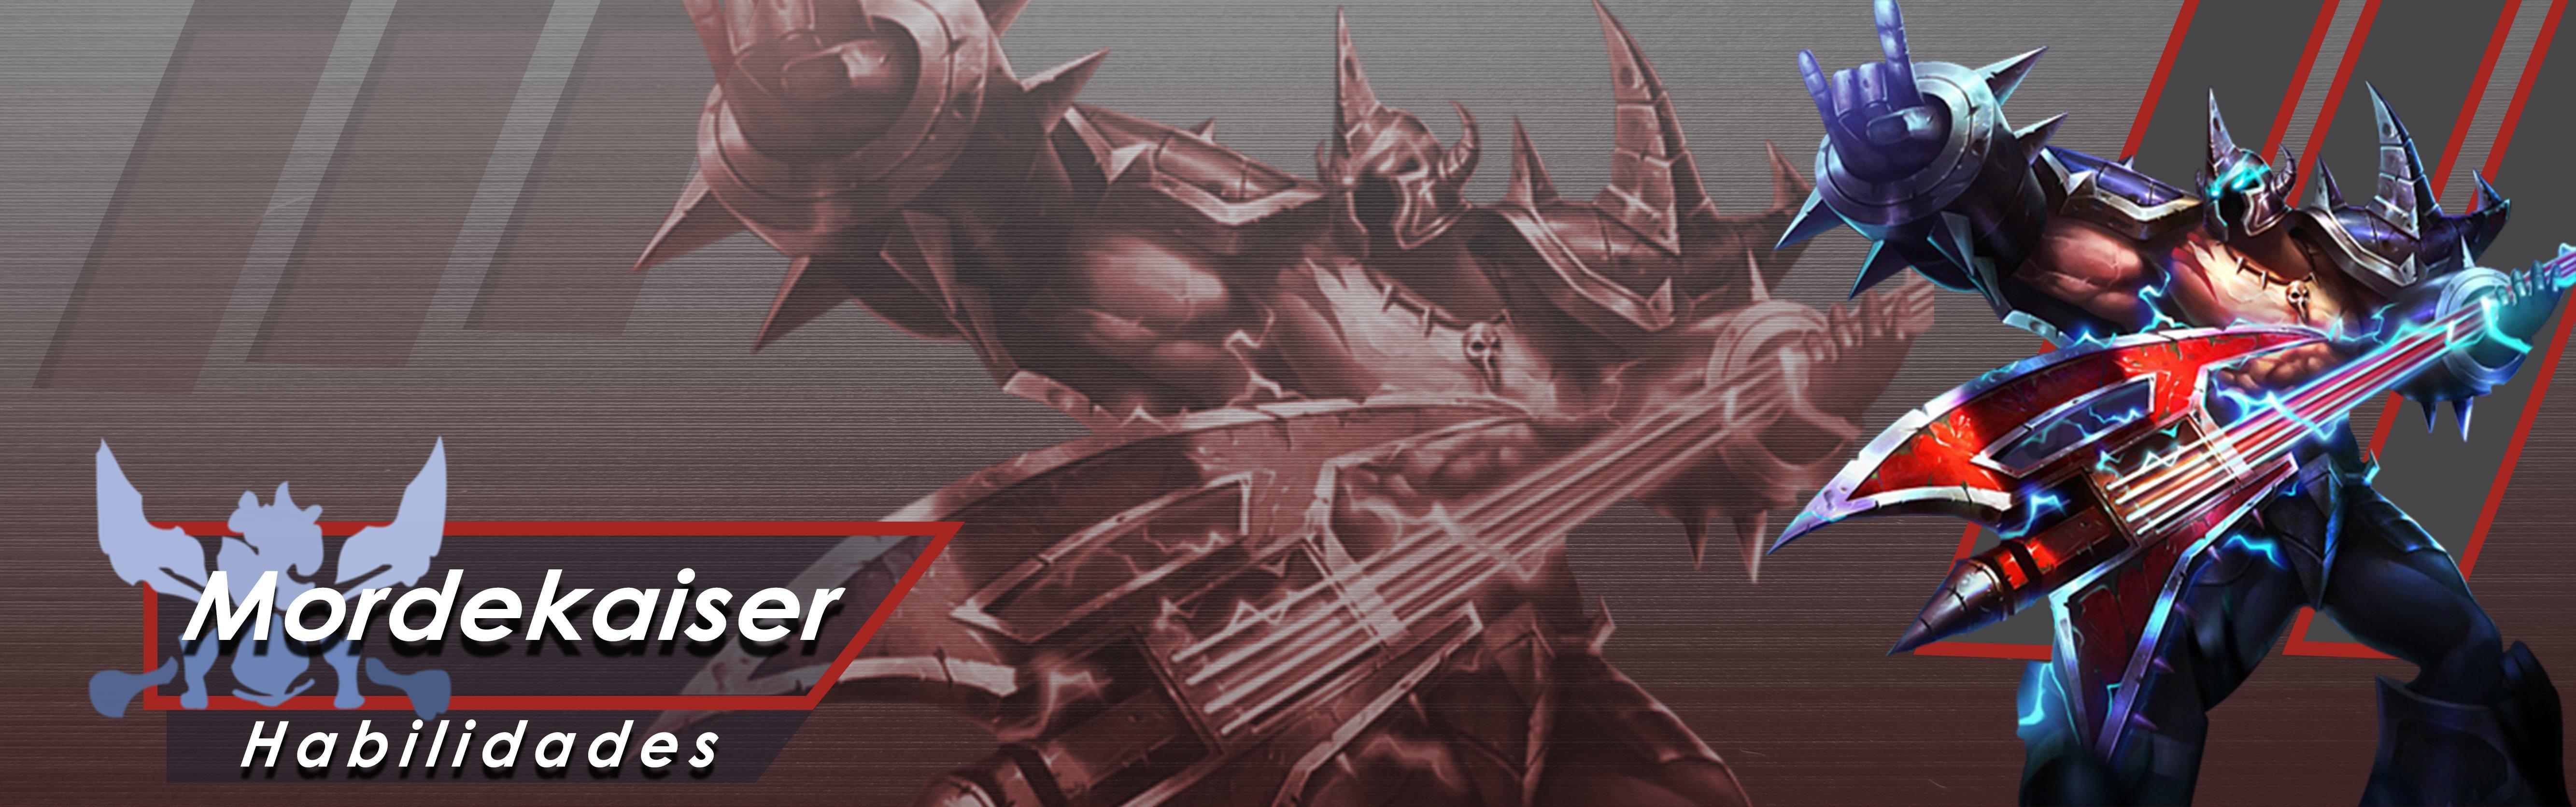 Guía De Campeón Mordekaiser Gamercitymagazine